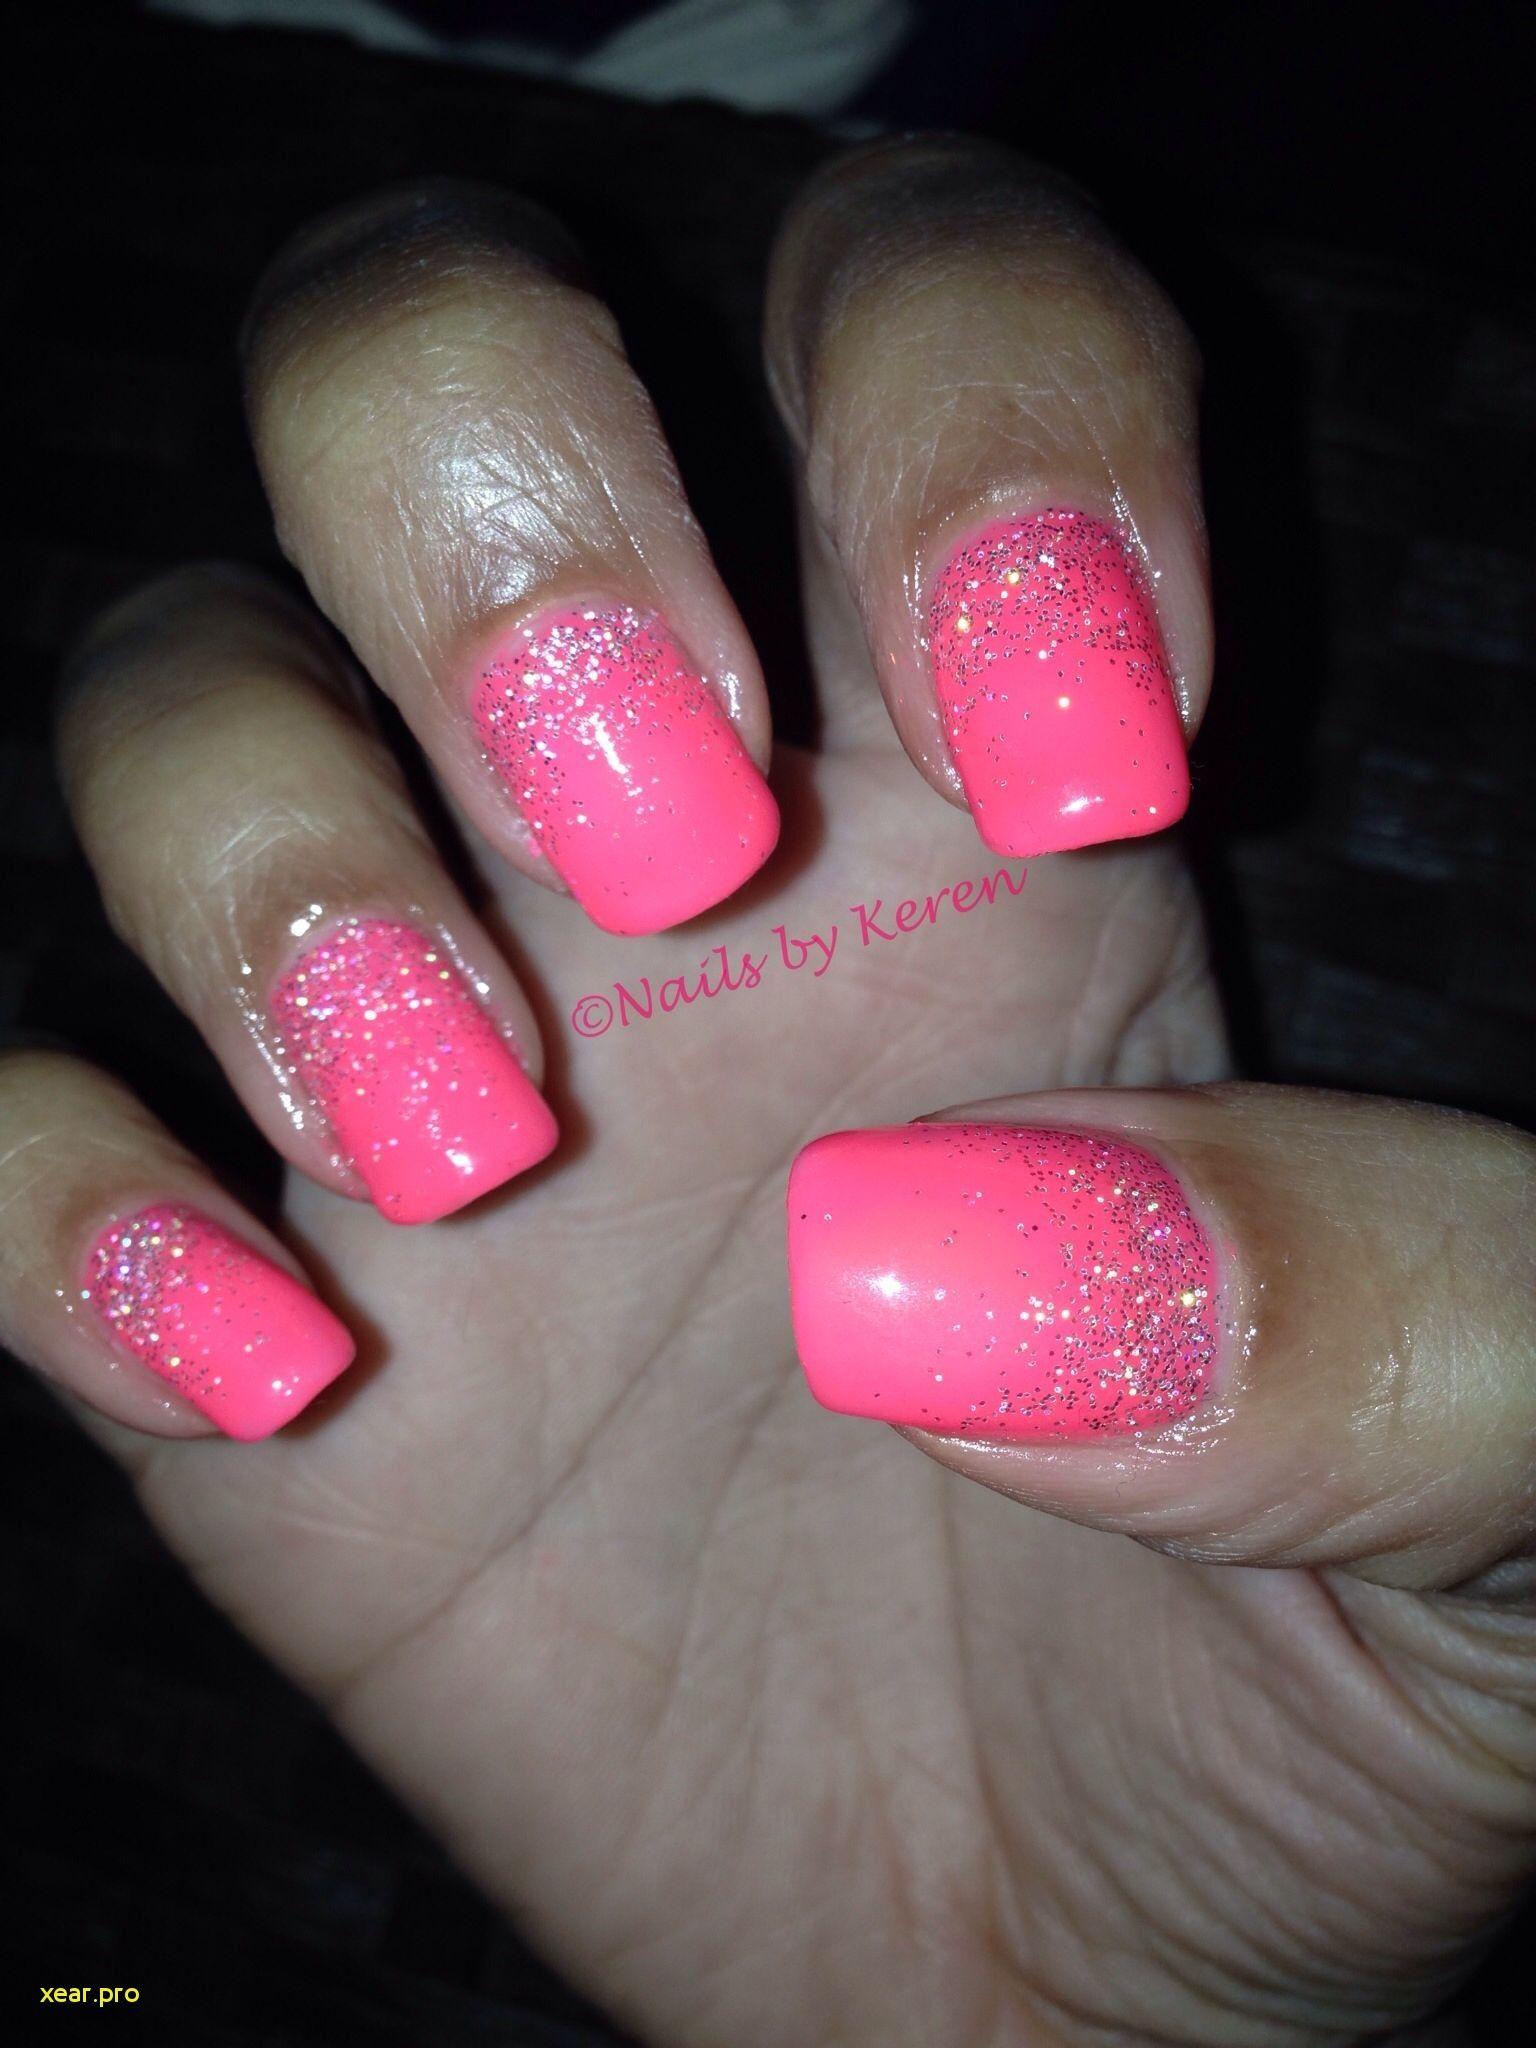 Beautiful Different Gel Nail Colors Beautiful Different Gel Nail Colors Delightful To Help My Own Websit Pink Gel Nails Pink Nail Colors Hot Pink Nail Polish